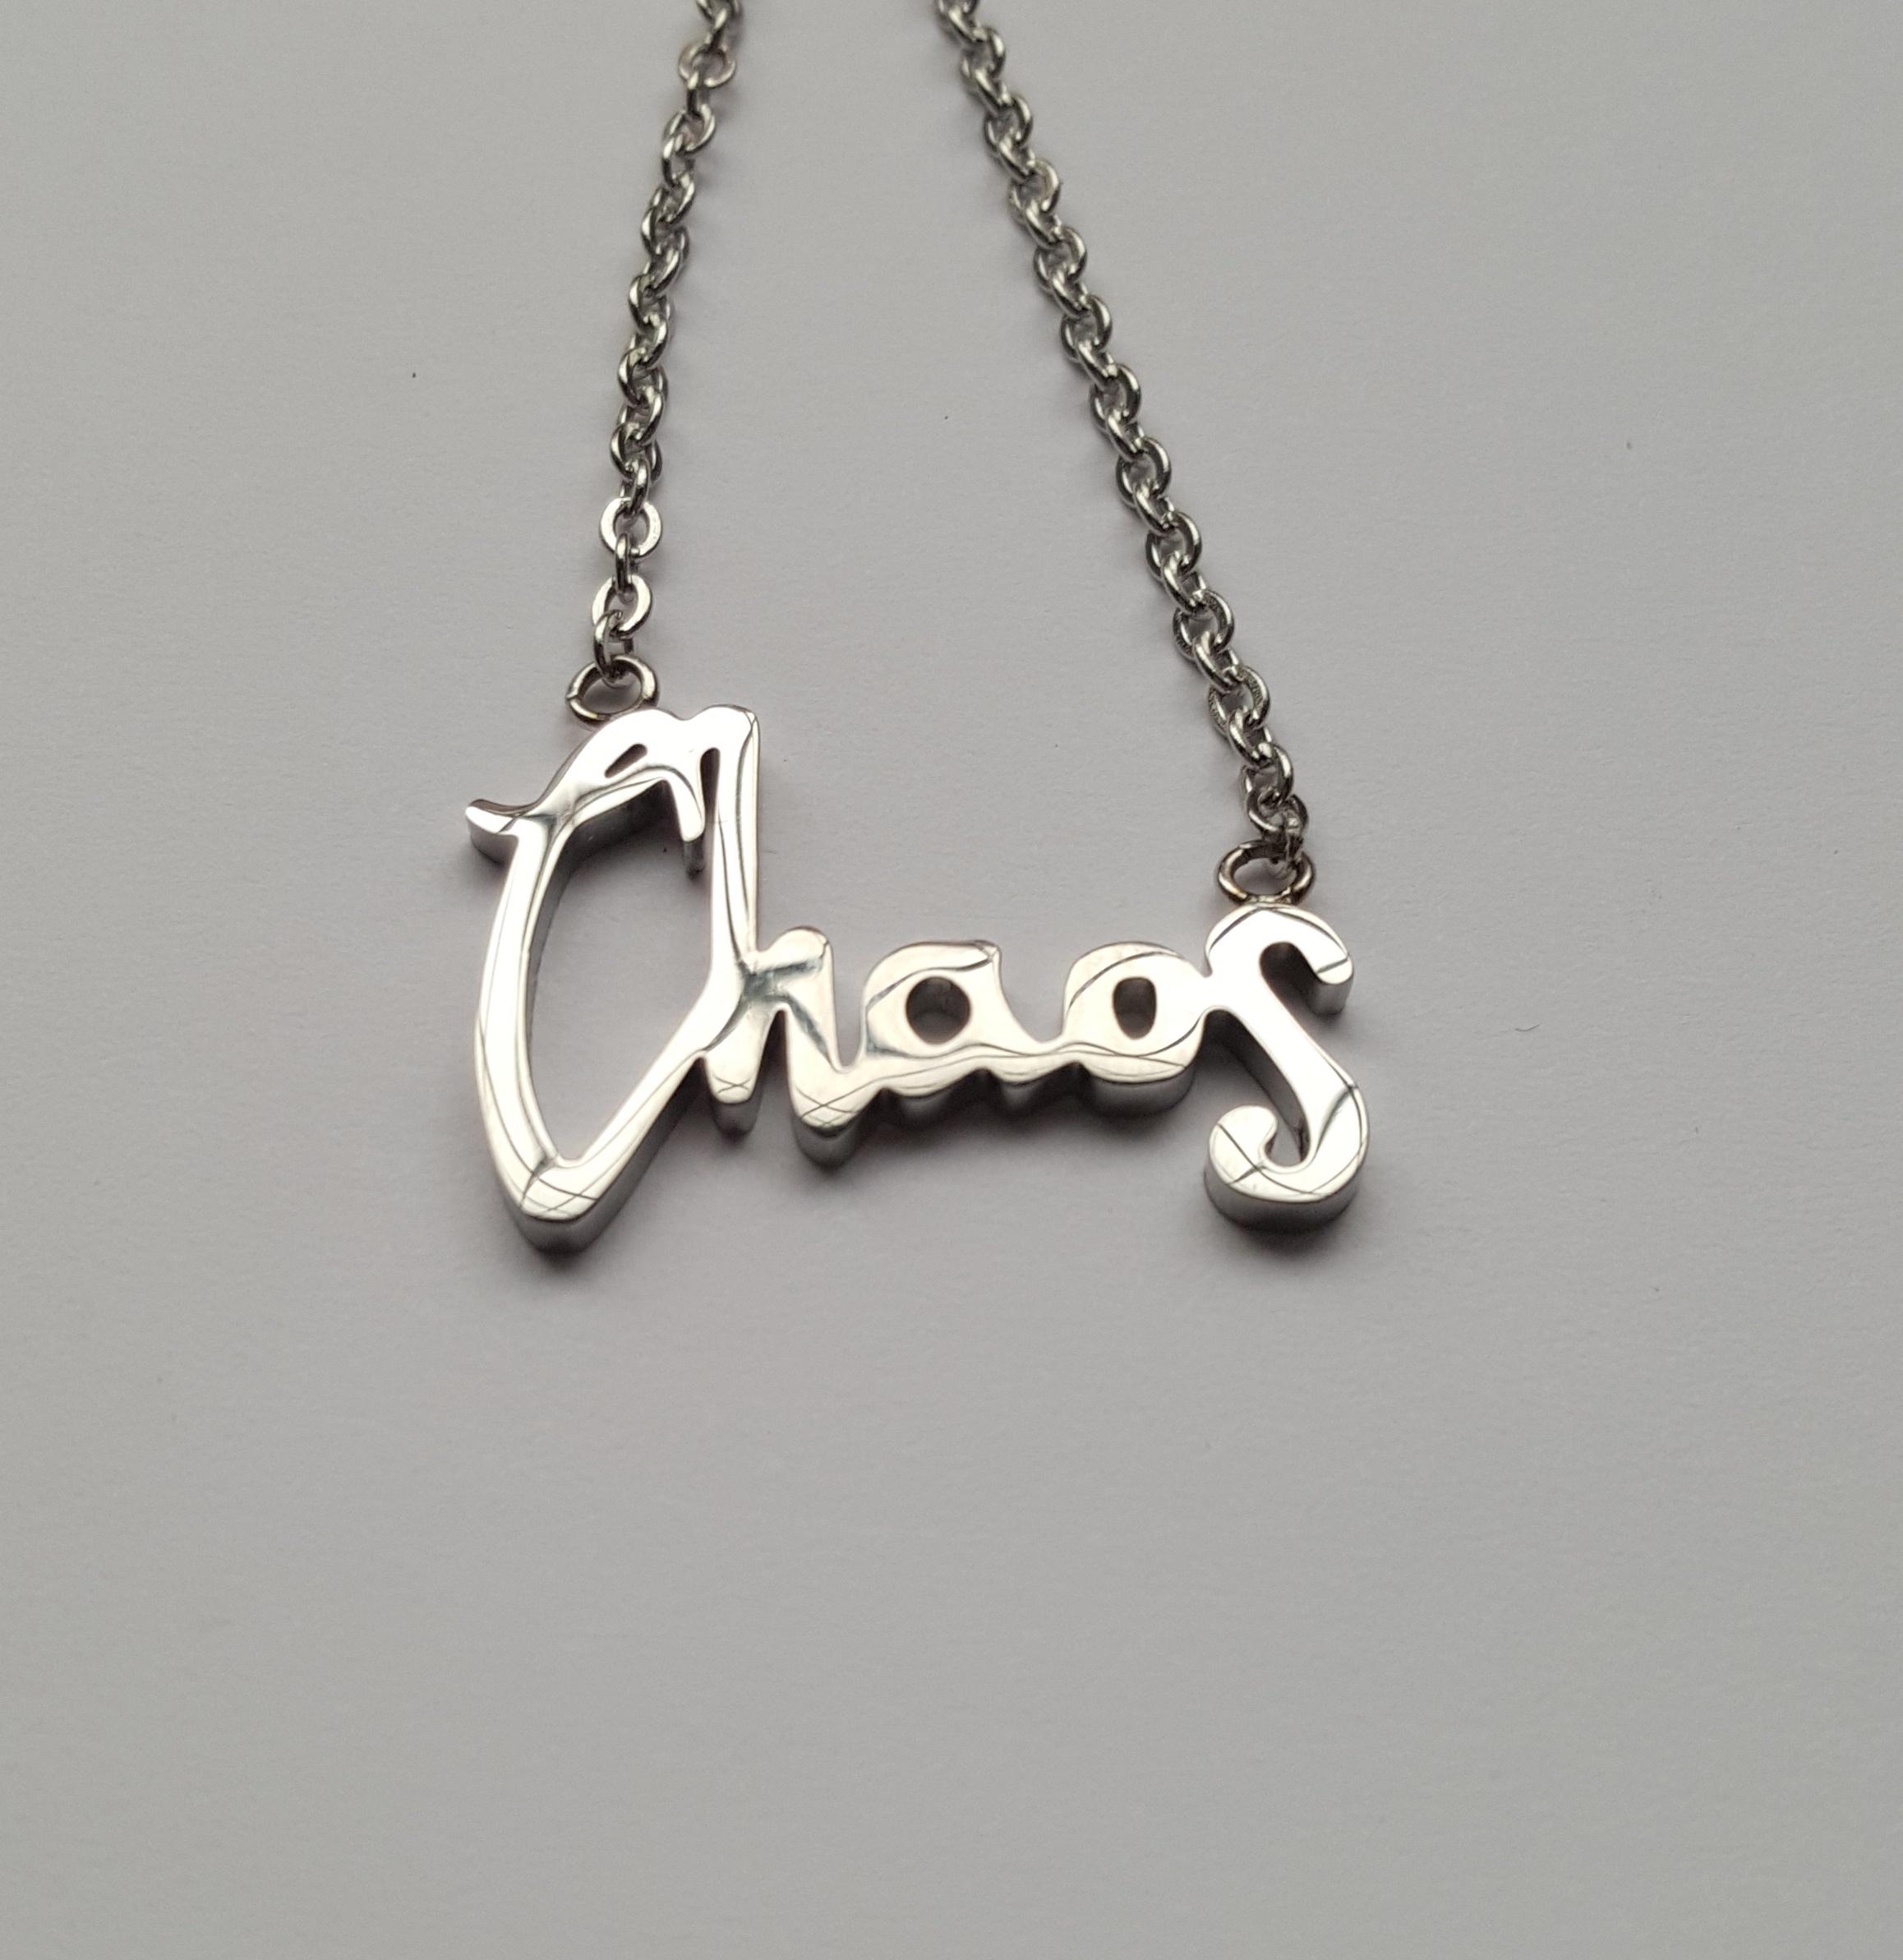 chaos ss 1.jpg